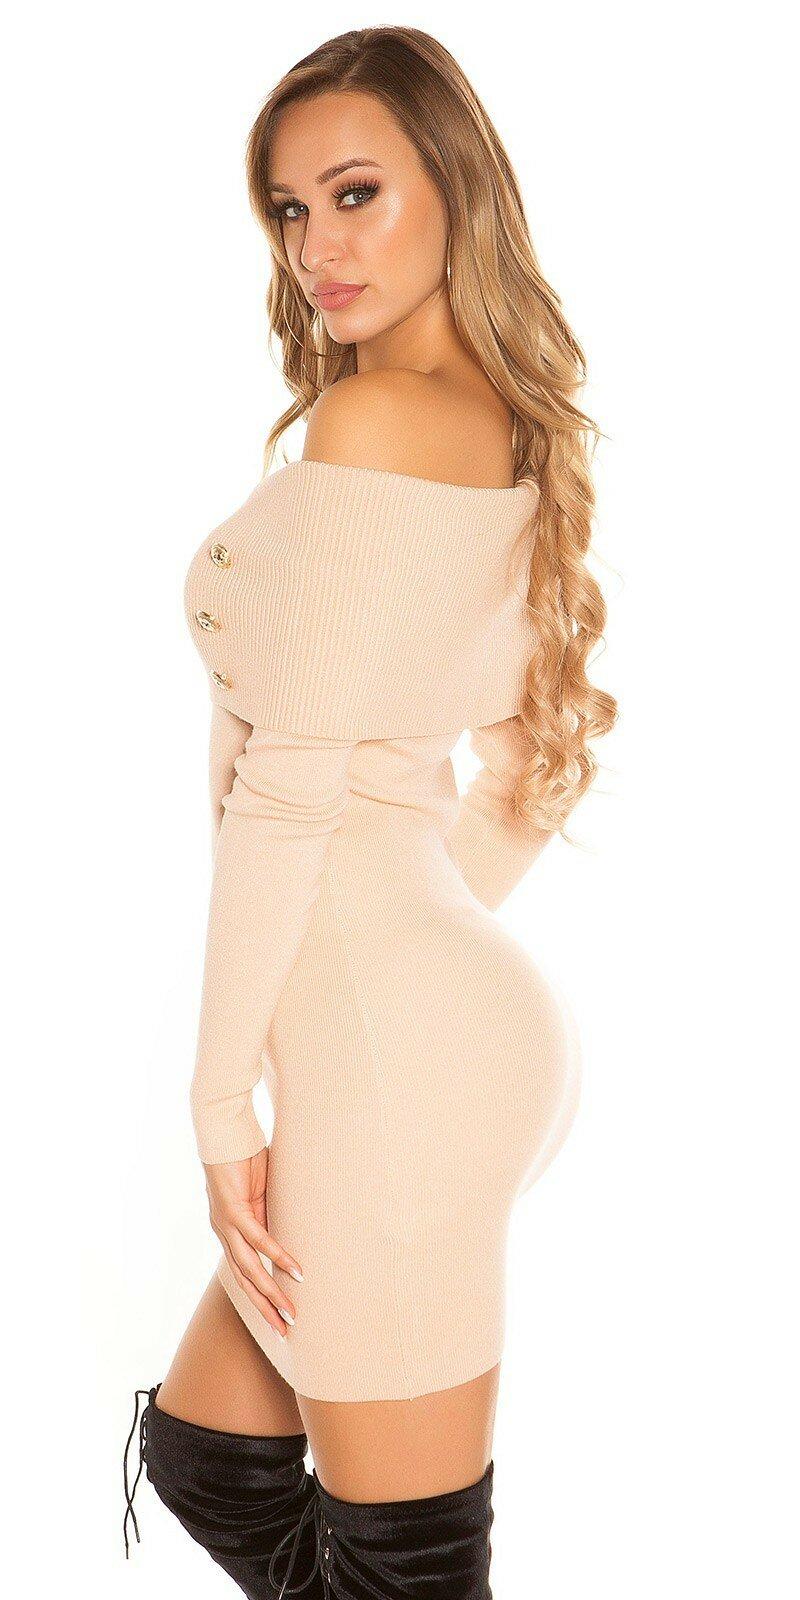 855d7885d311 Pletené šaty s odhalenými ramenami - NajlepsiaModa.sk